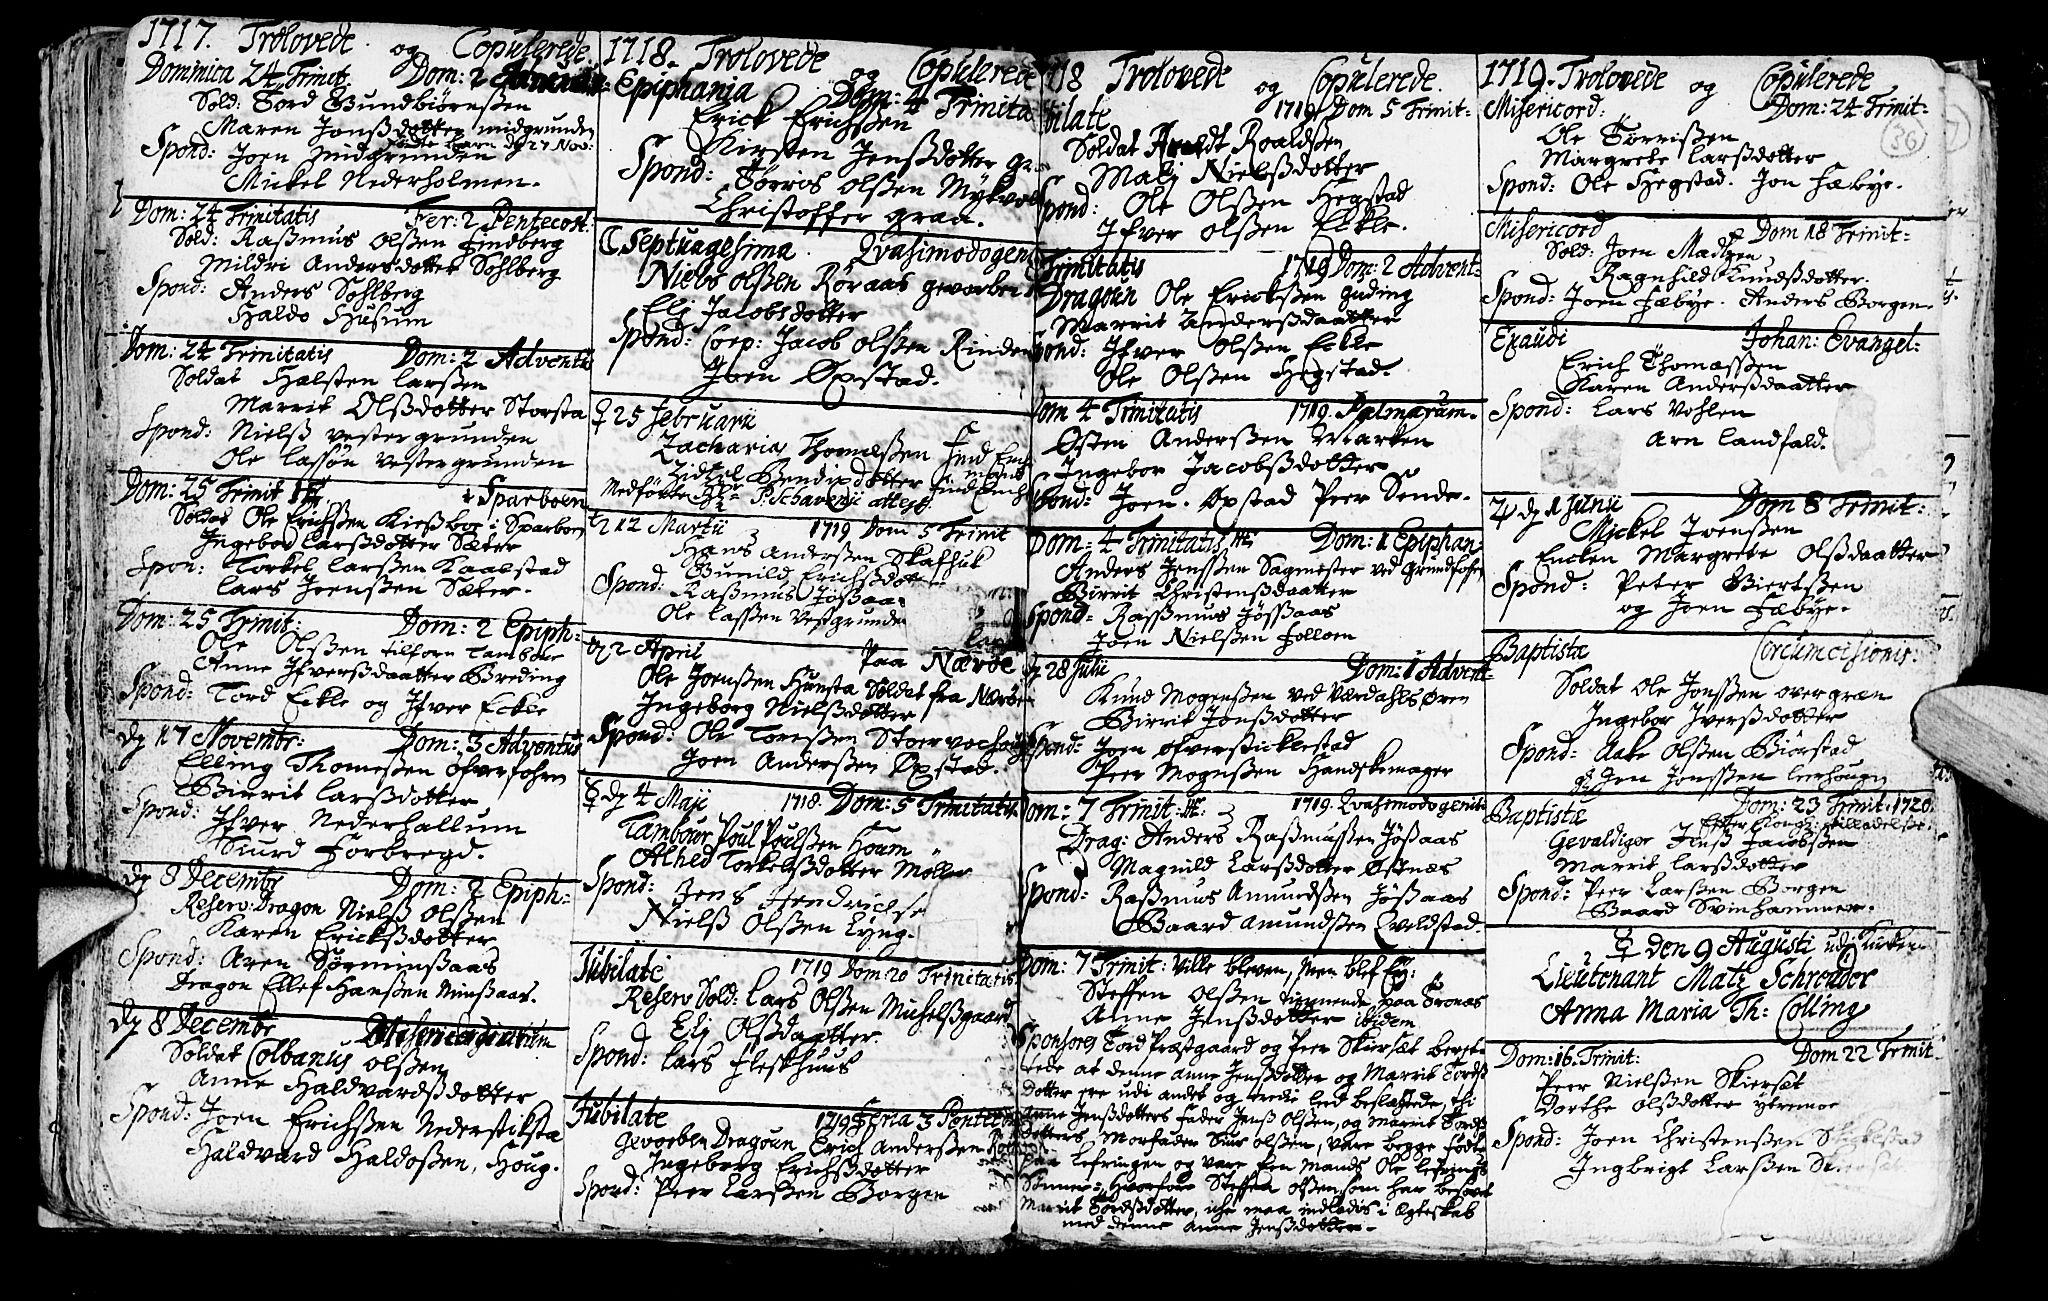 SAT, Ministerialprotokoller, klokkerbøker og fødselsregistre - Nord-Trøndelag, 723/L0230: Ministerialbok nr. 723A01, 1705-1747, s. 36